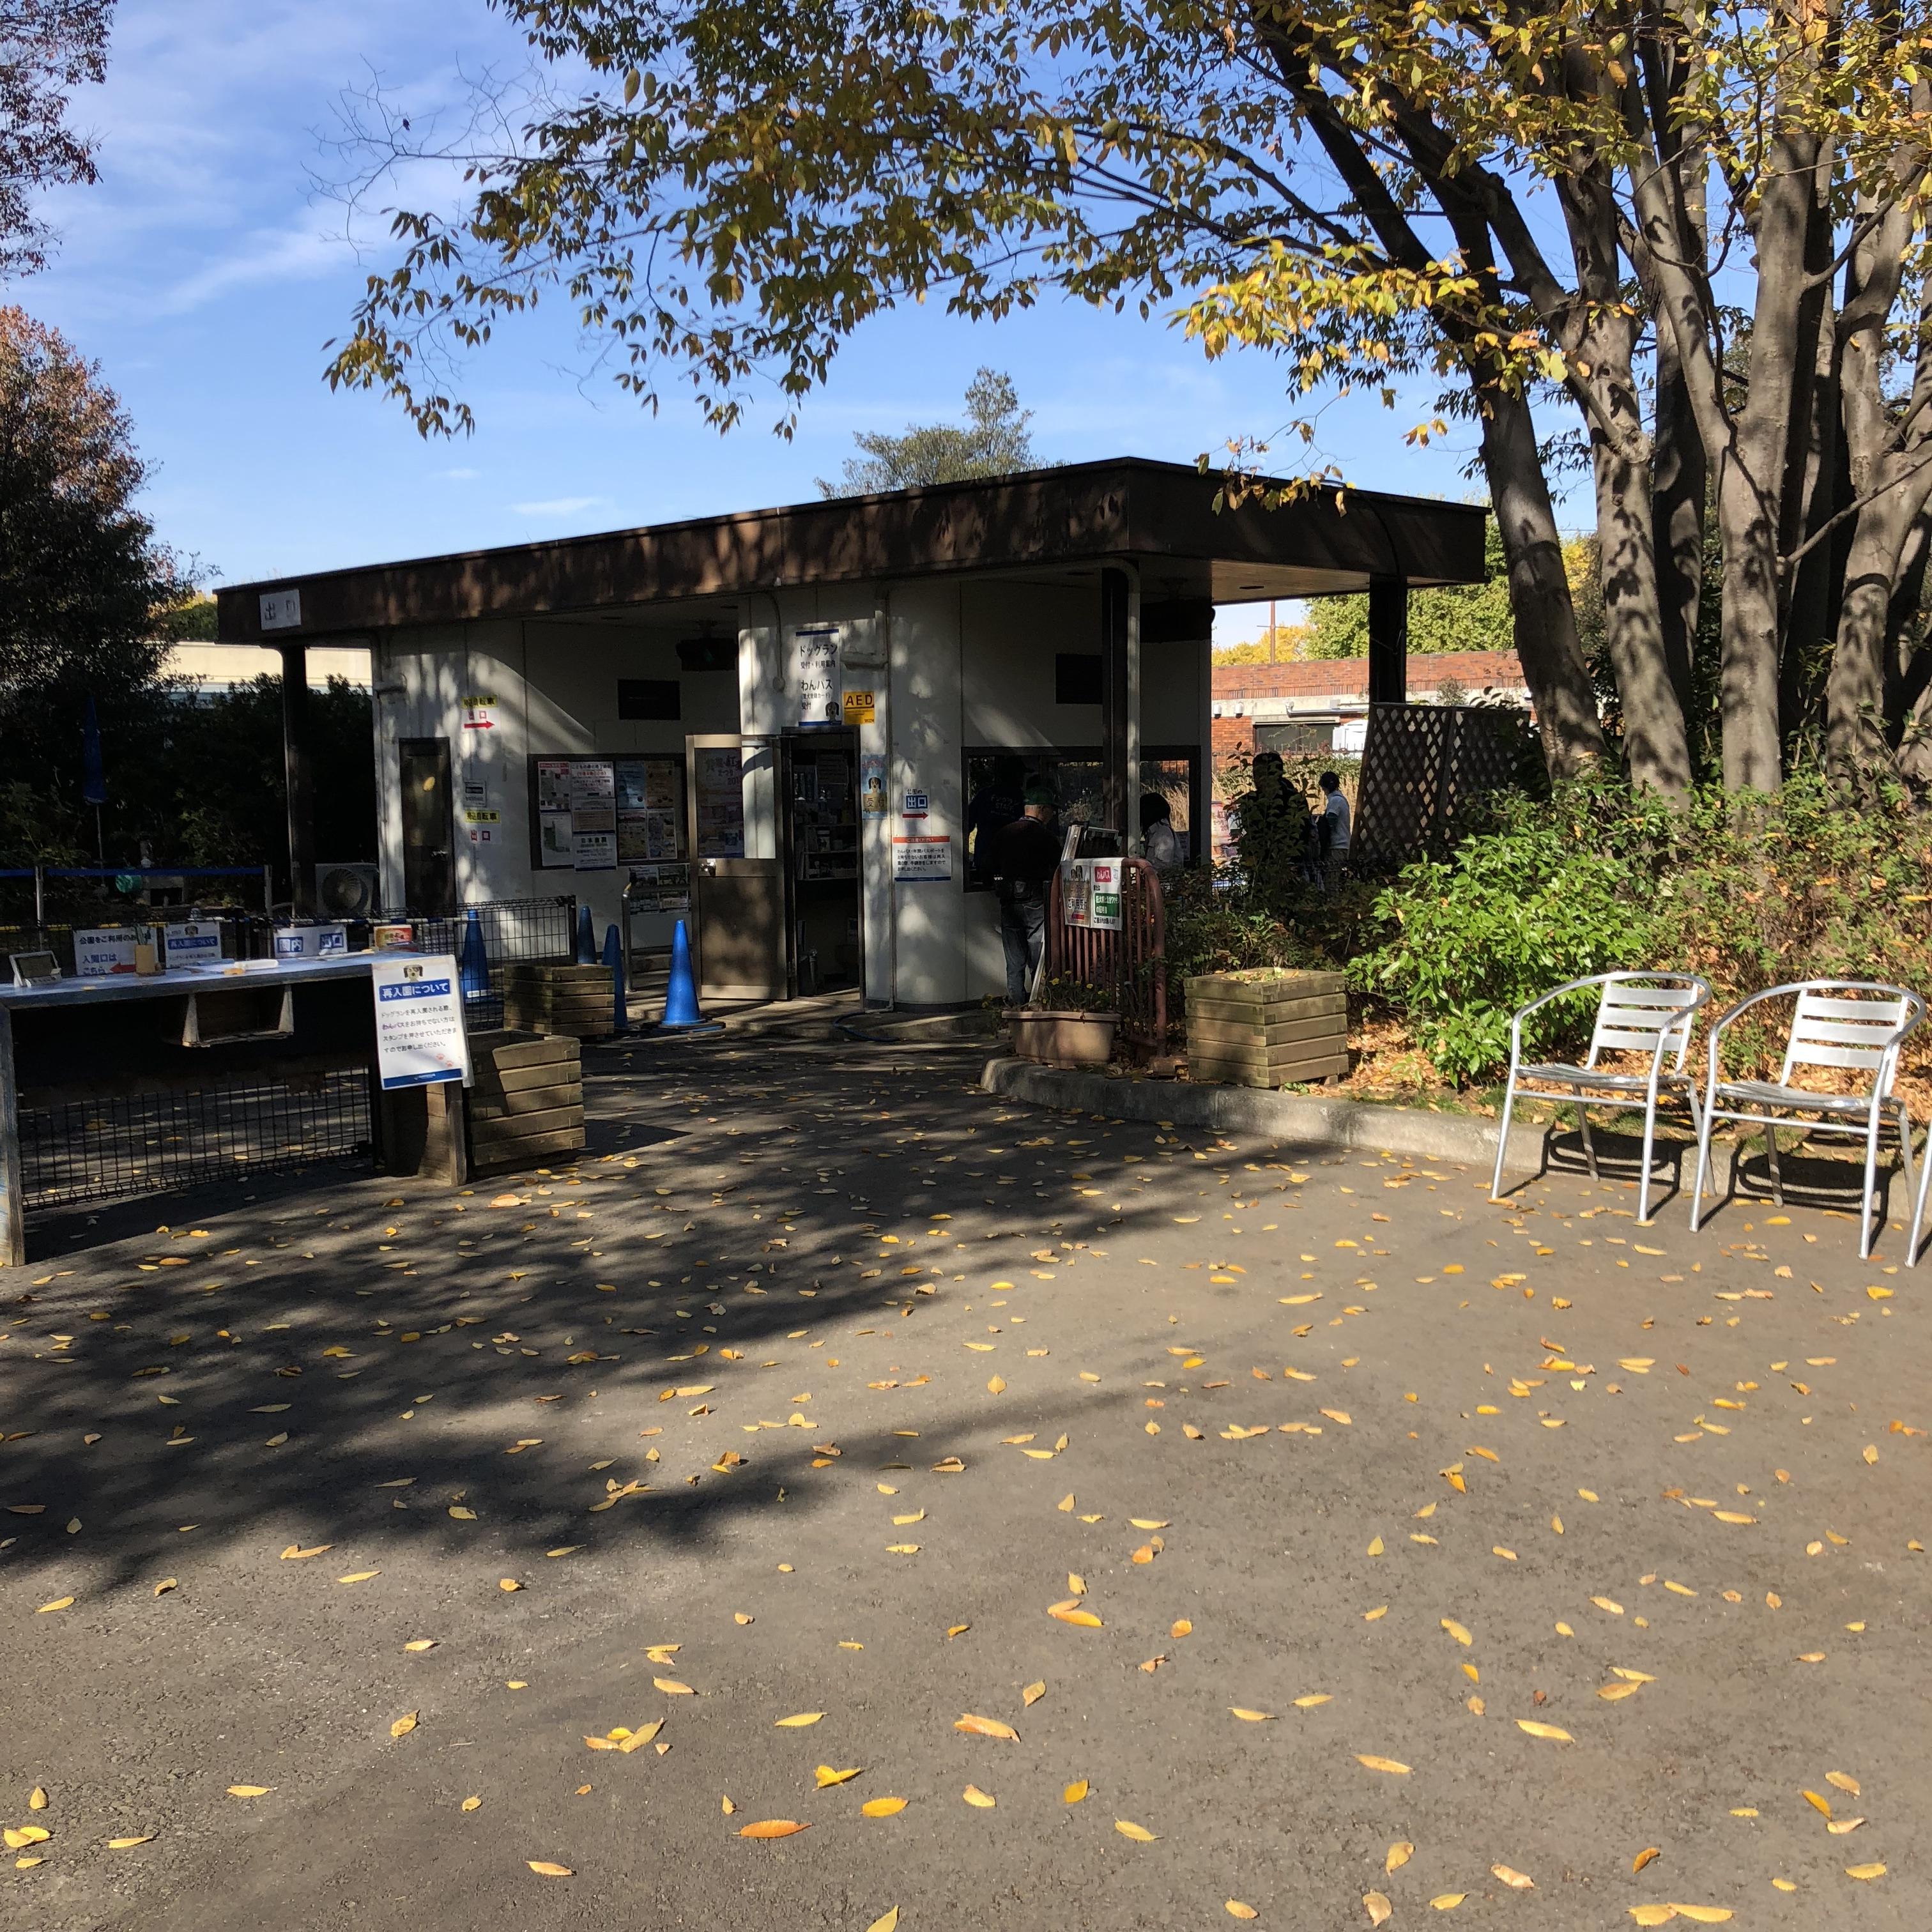 【東京都のおすすめお出かけスポット】立川昭和記念公園のドッグランに行こう